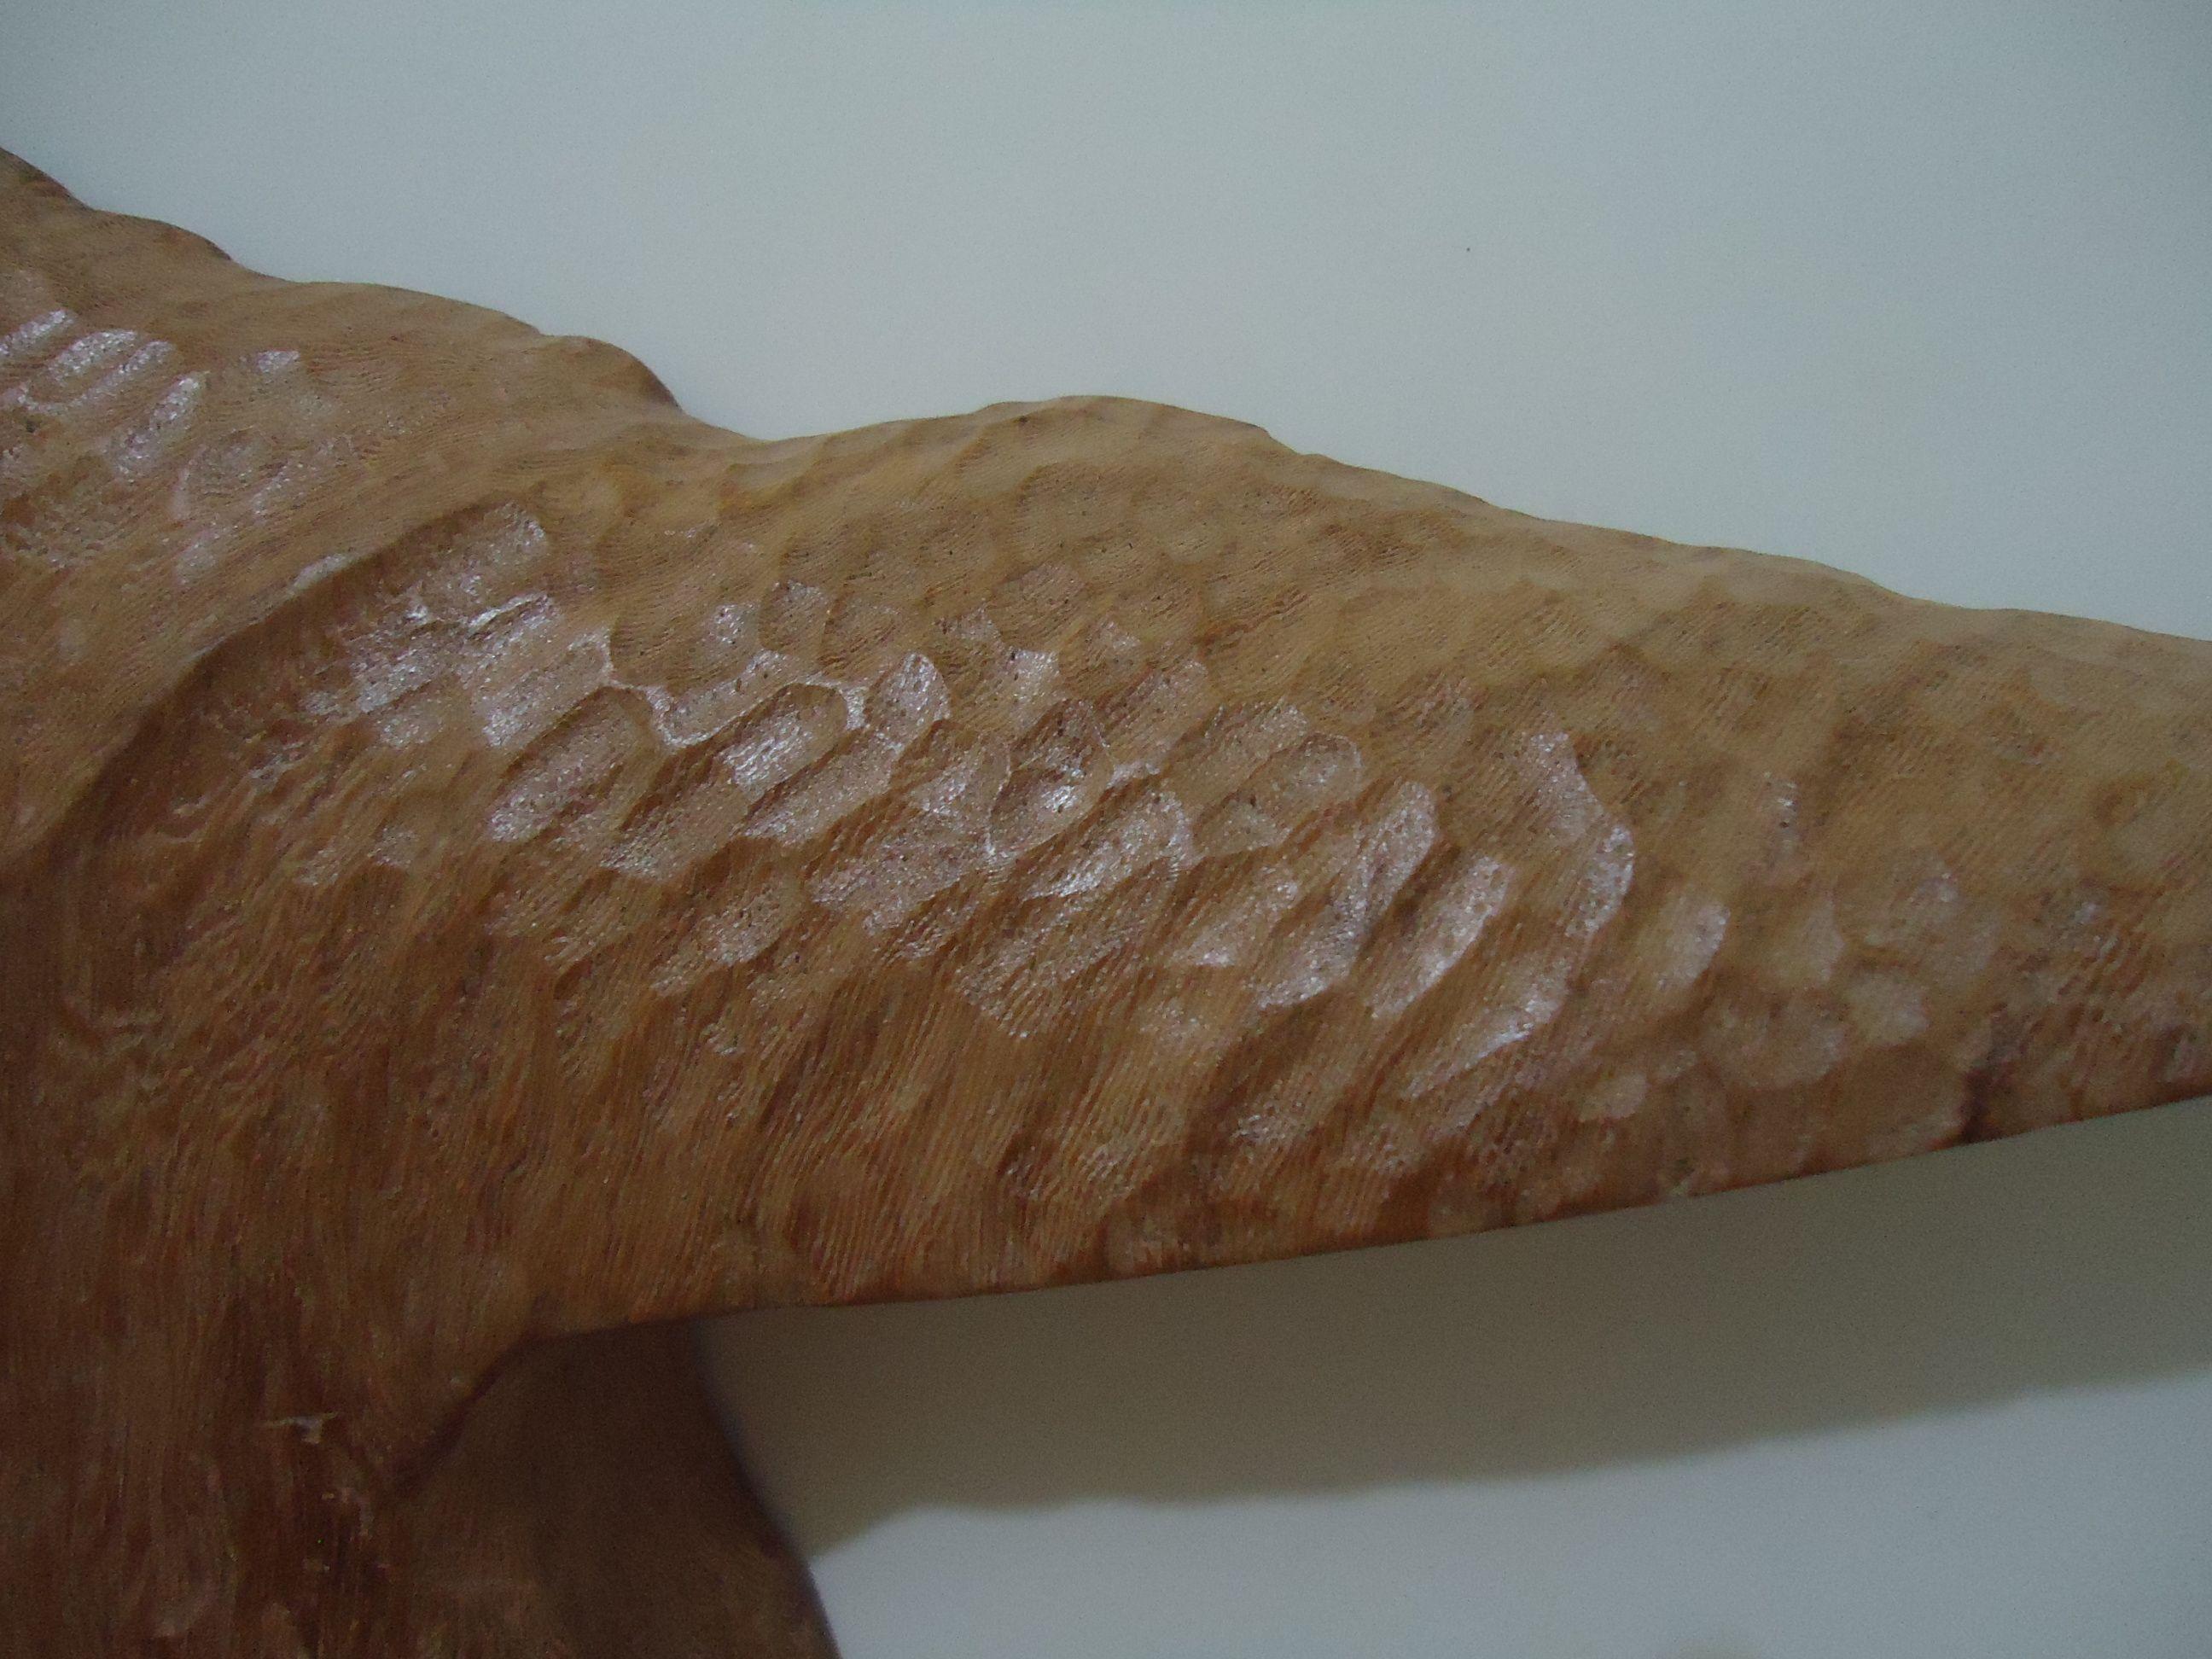 Rabo de Baleia Jubarte talhado em madeira de qualidade e resistente, com tratamento anti-cupins e encerada para dar brilho a madeira, NÃO é pintada. Muito bem detalhada e realista. Peça feita 100% a mão. Tamanho:  26 cm de comprimento / 20 cm de altura / 4 cm de profundidade  Preço: 100,00 reais  Quantidade: 1 unidade (pronta entrega)  Frete não incluso Trabalhamos com vários tipos de madeiras. Aceitamos encomendas em outros tamanhos.